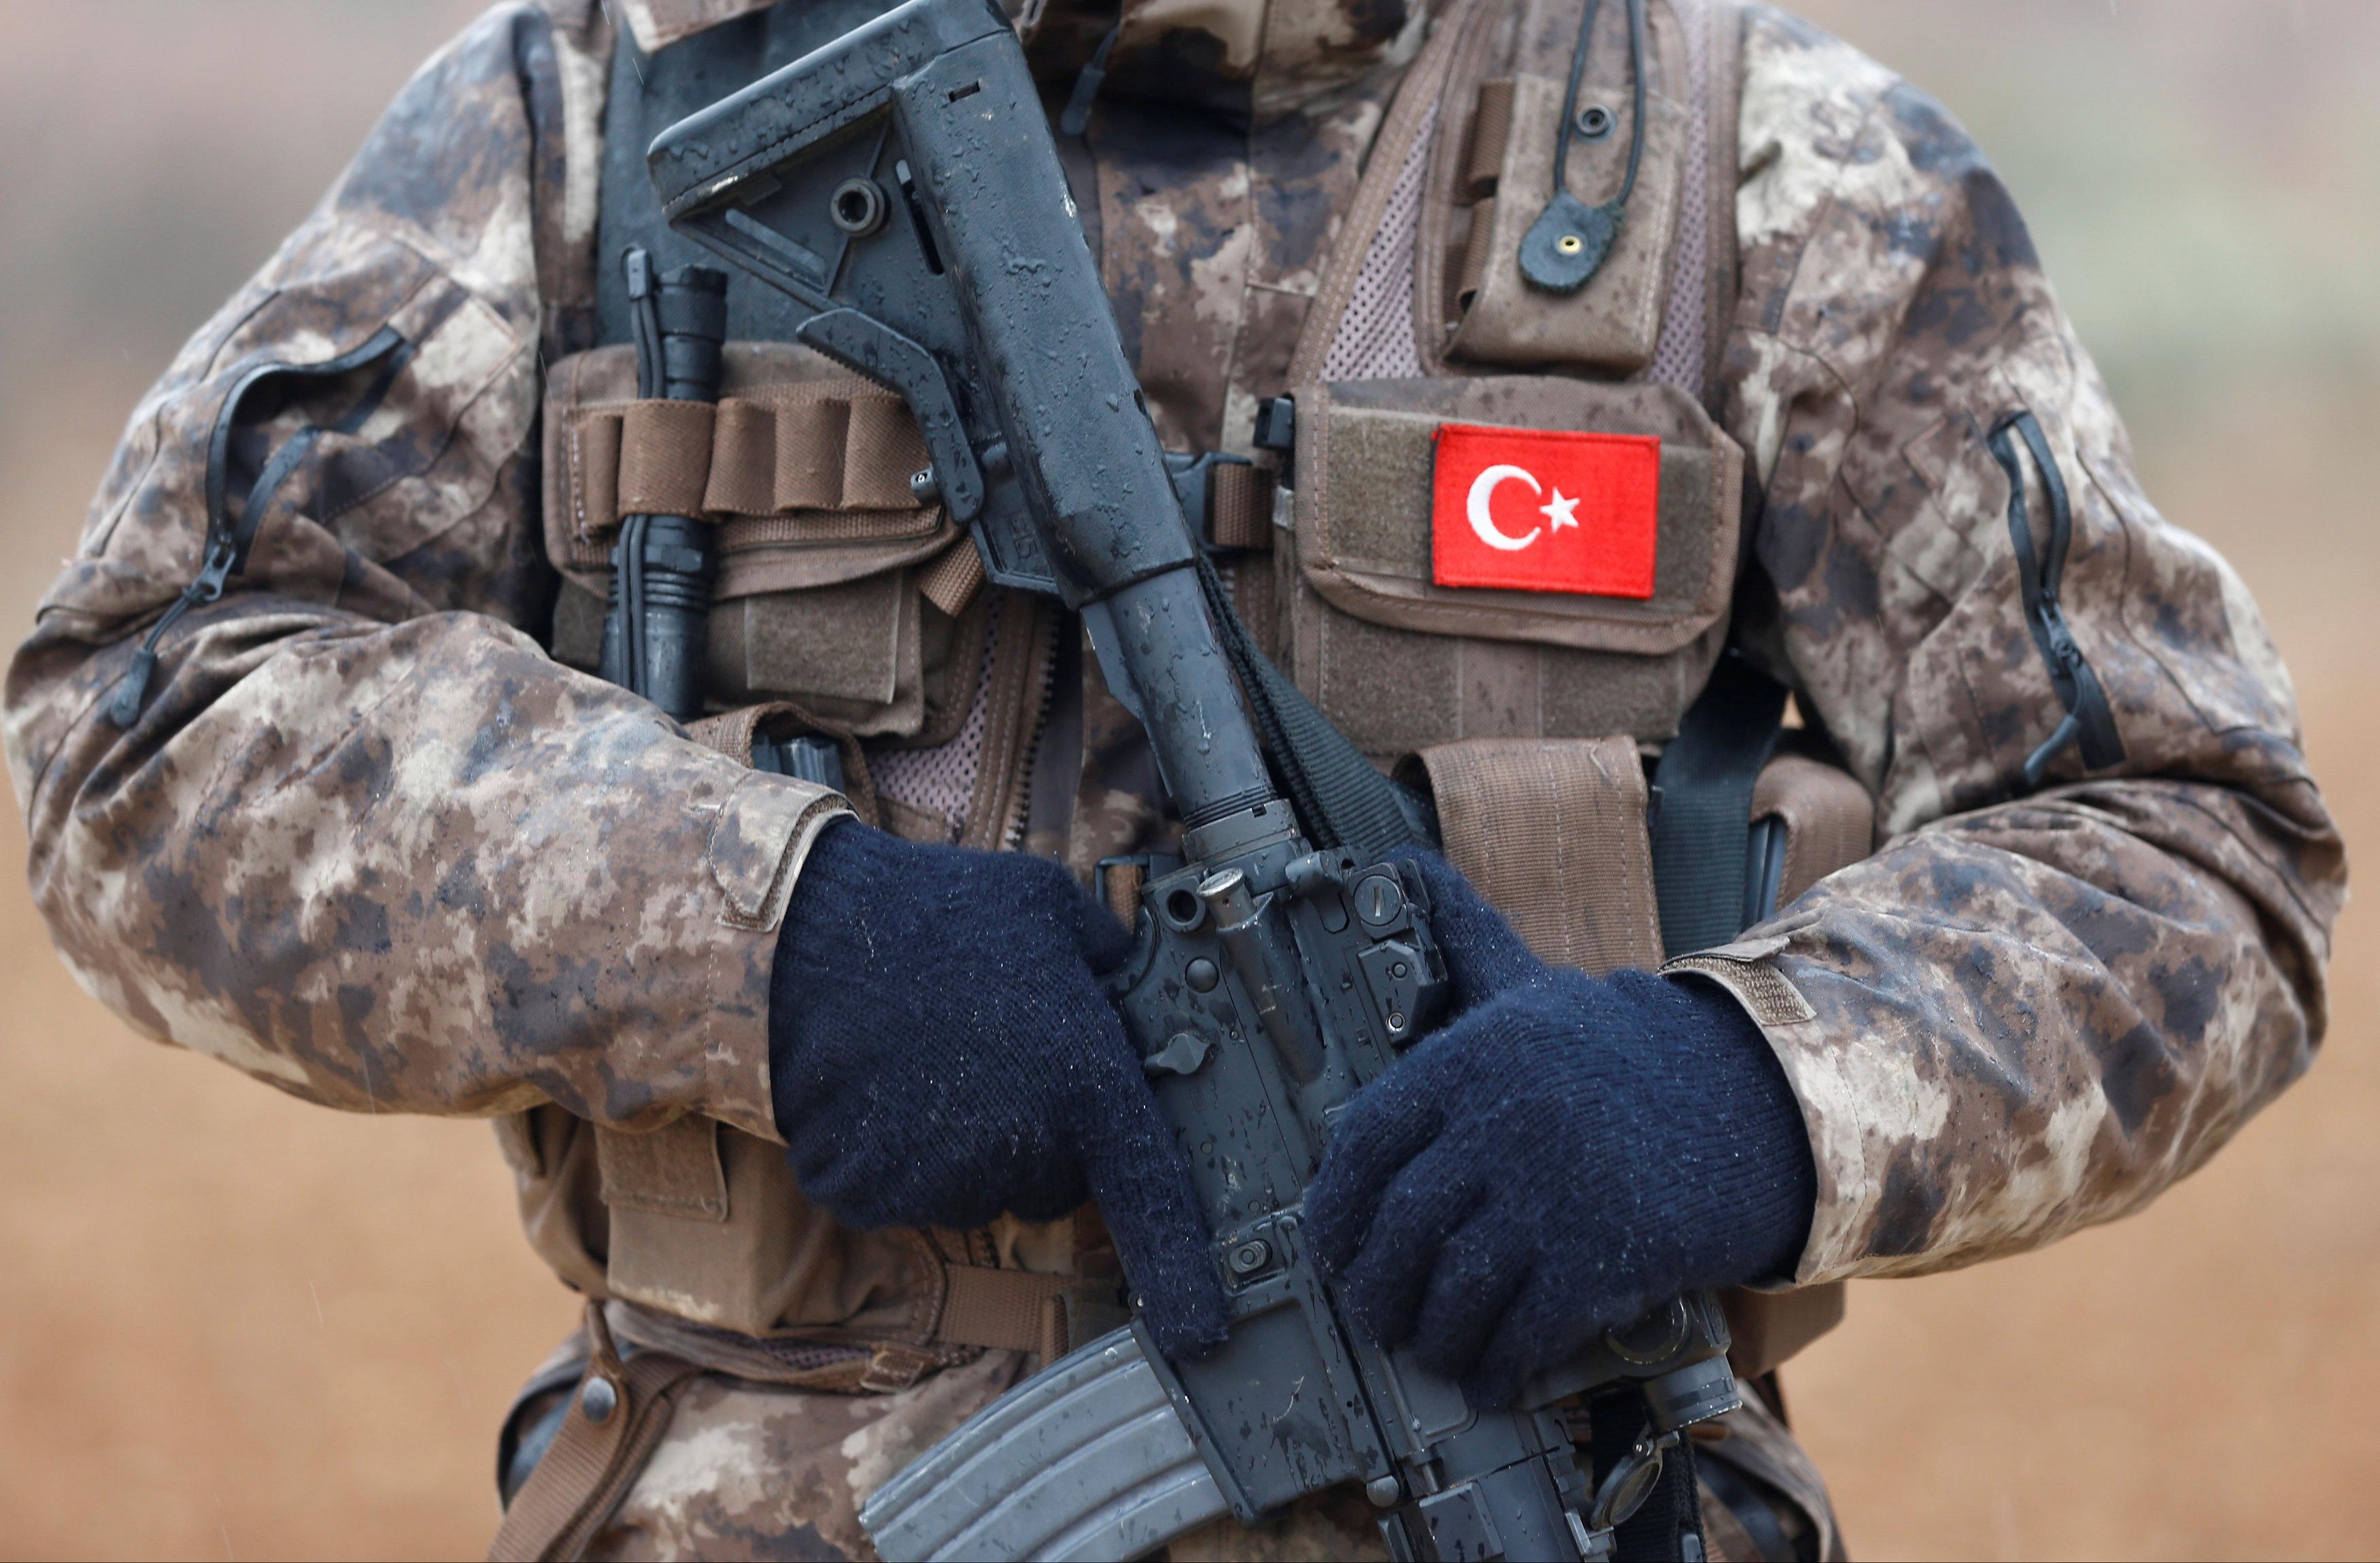 Σε σκάφος με ελληνική σημαία συνελήφθη ιμάμης του δικτύου Γκιουλέν, σύμφωνα με τουρκικά